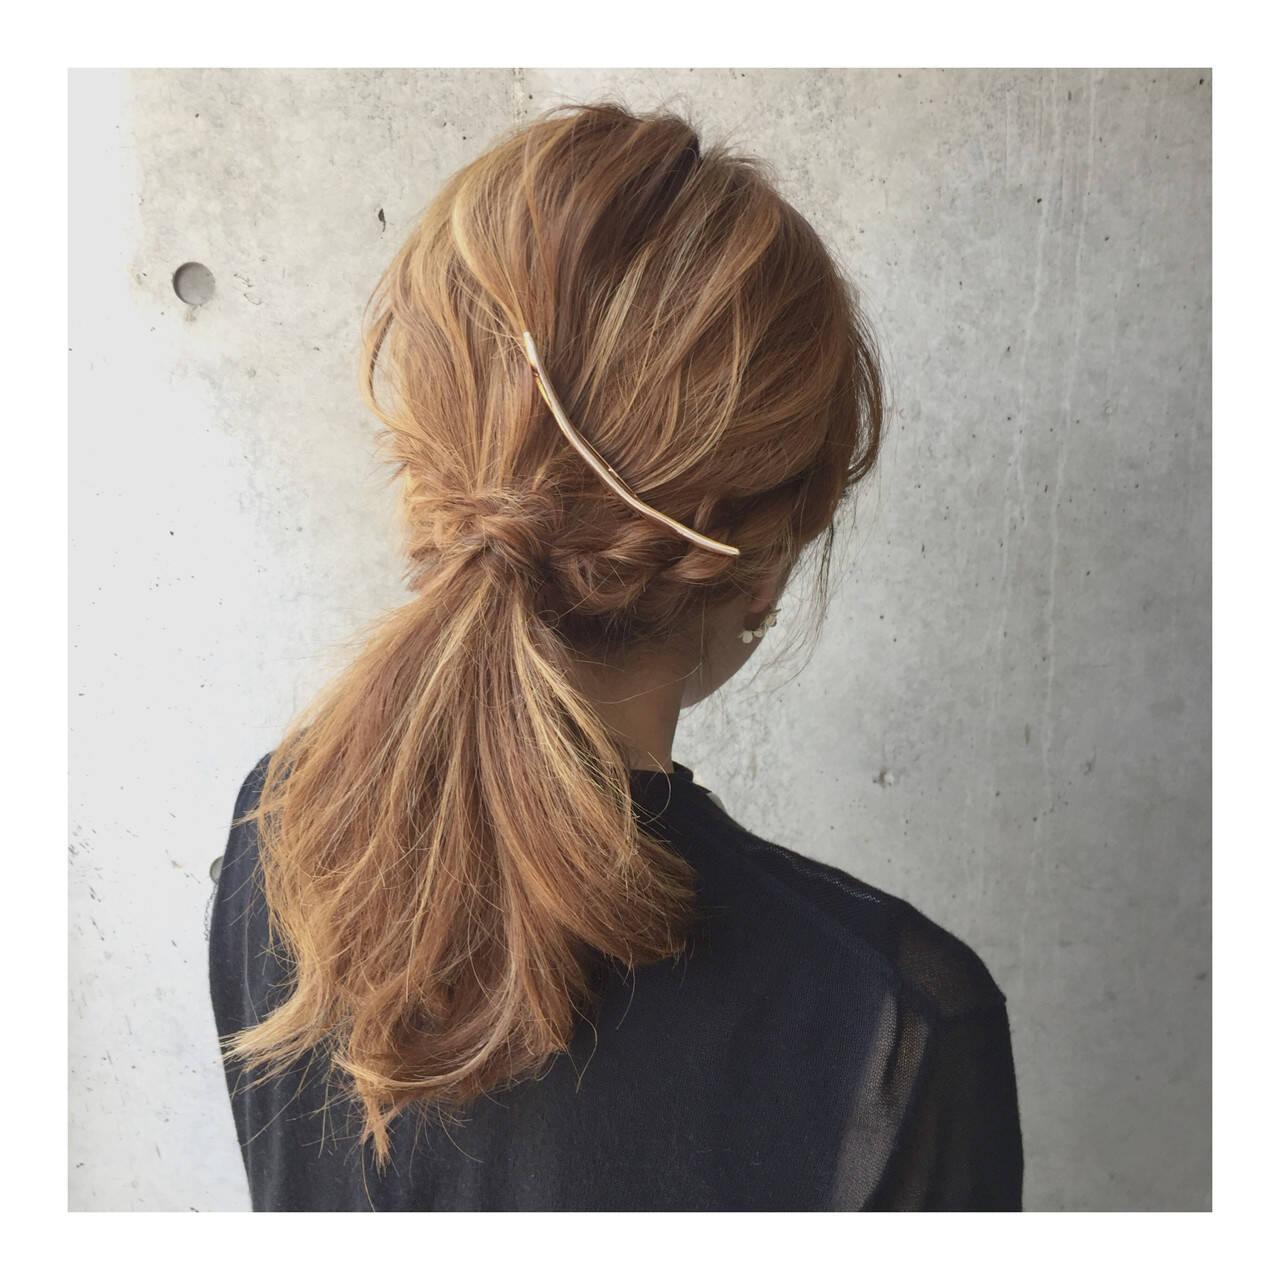 大人かわいい グラデーションカラー ショート 簡単ヘアアレンジヘアスタイルや髪型の写真・画像